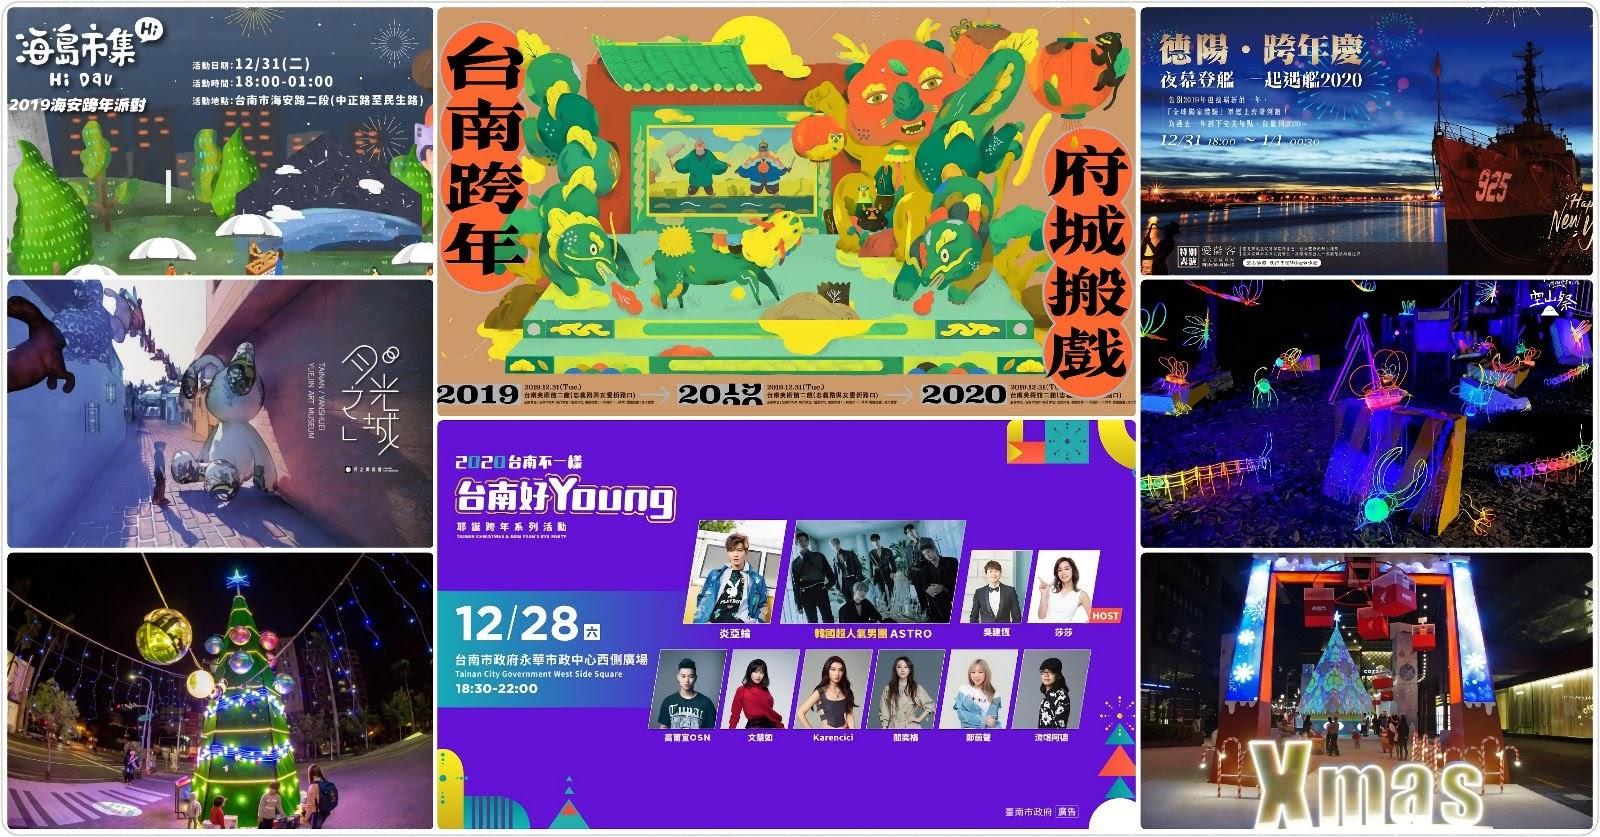 [活動] 2019 12/27-/1/1 台南週末活動整理-2020跨年特別版|本週末活動數:57